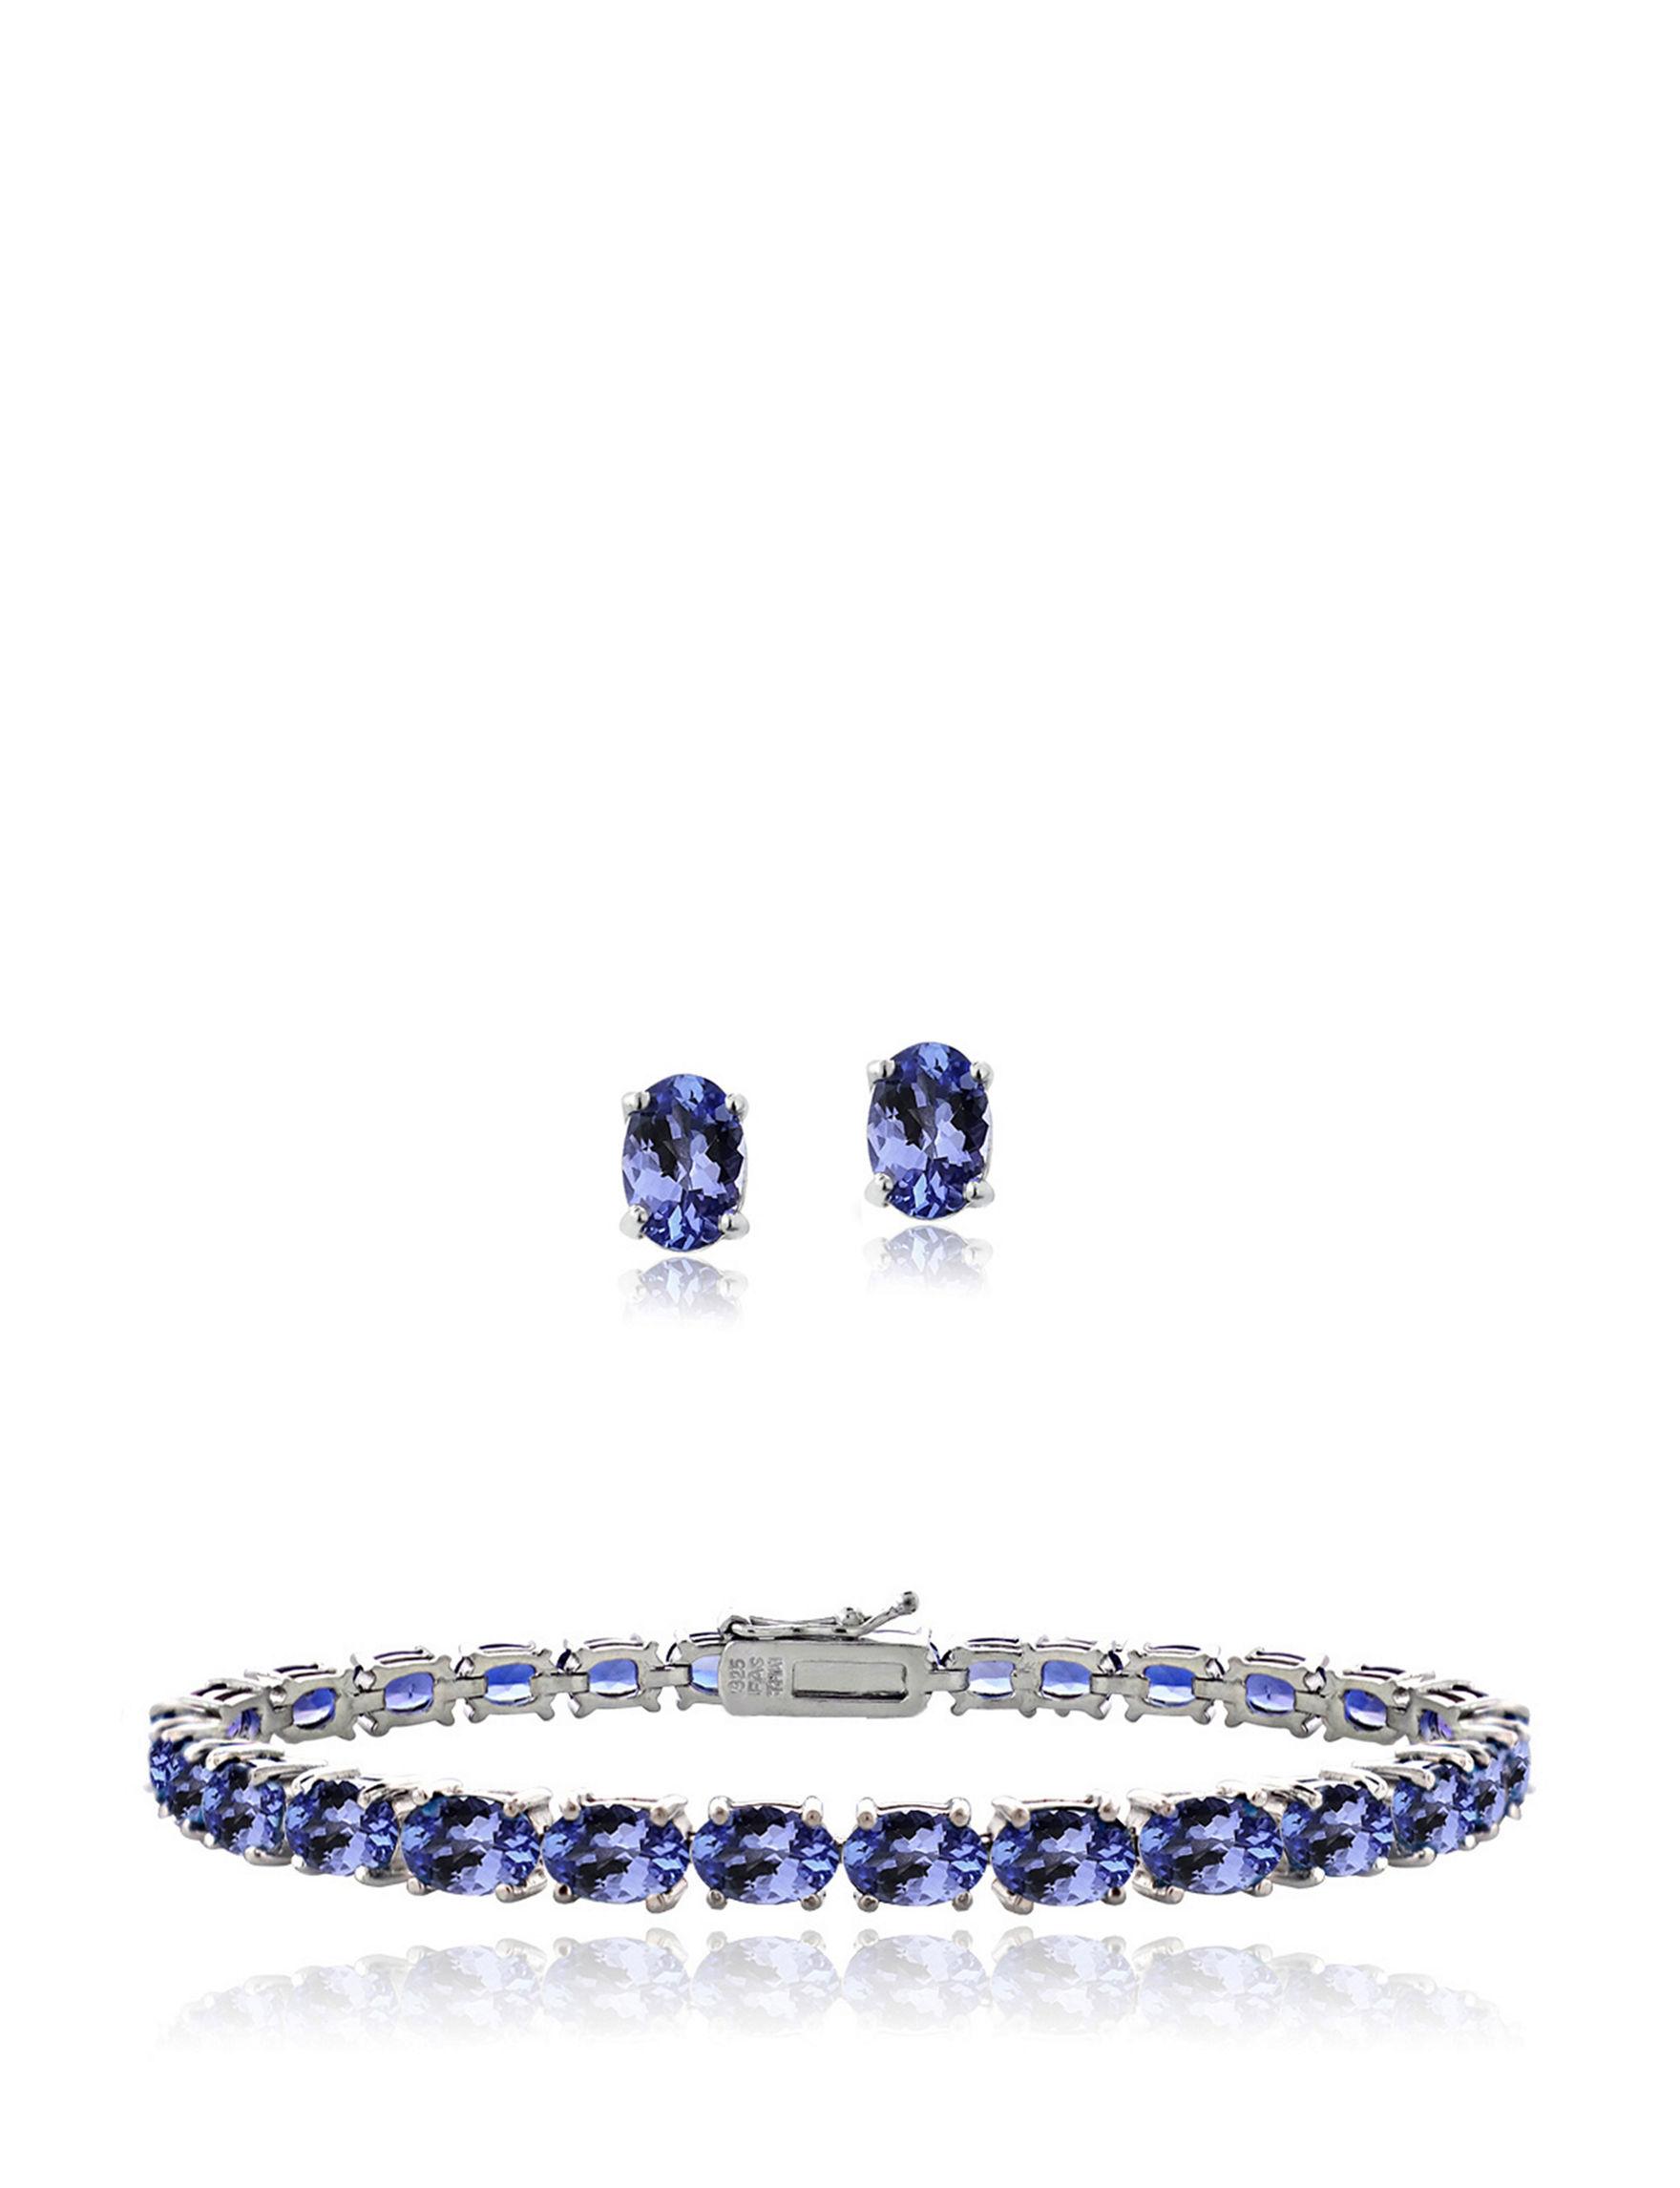 FMC  Studs Bracelets Earrings Jewelry Sets Fine Jewelry